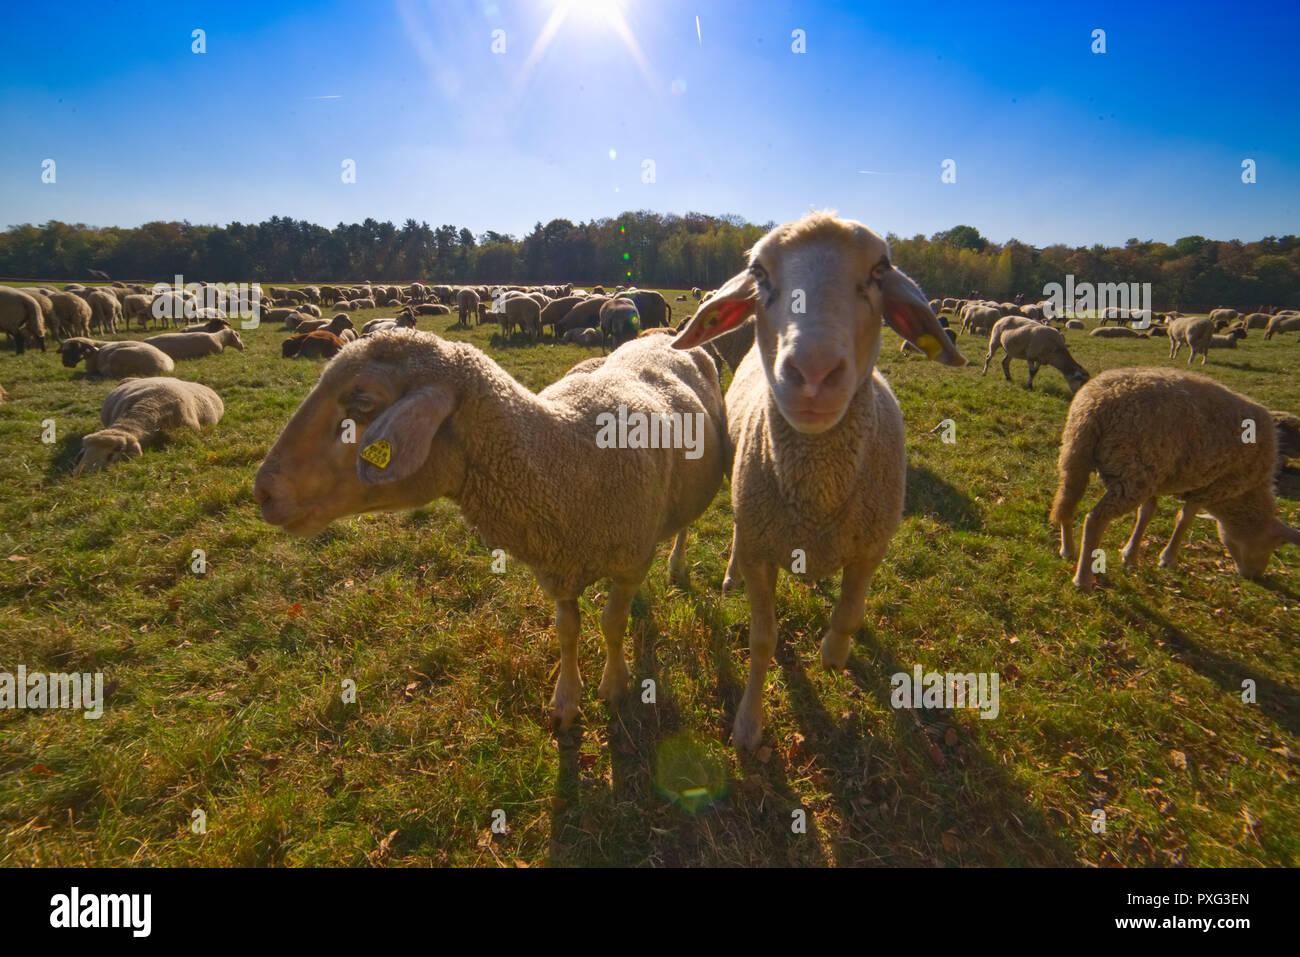 Schafe auf der Weide - Schafe auf dem Grün Stockbild